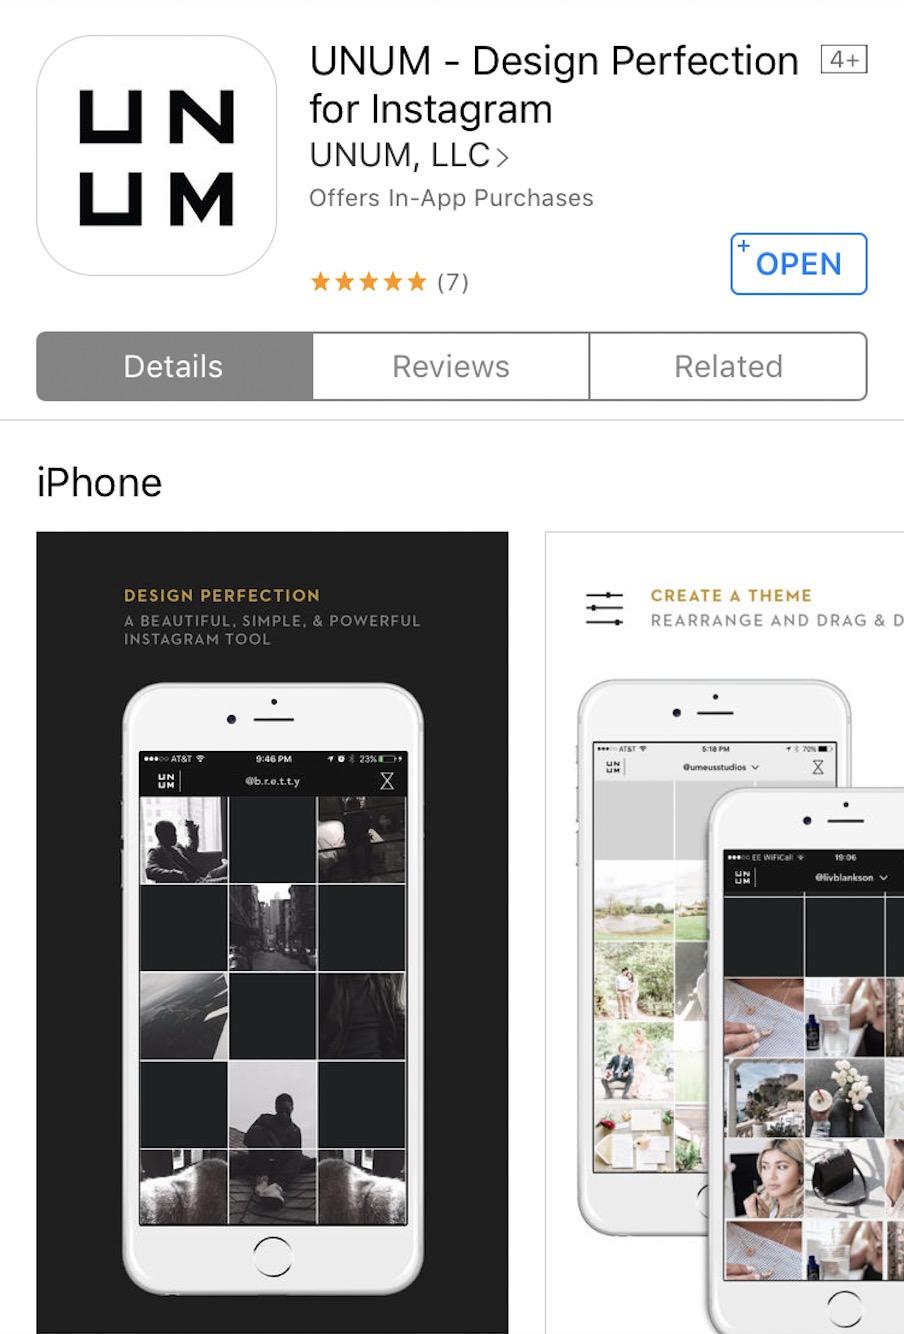 Top Instagram Apps - UNUM